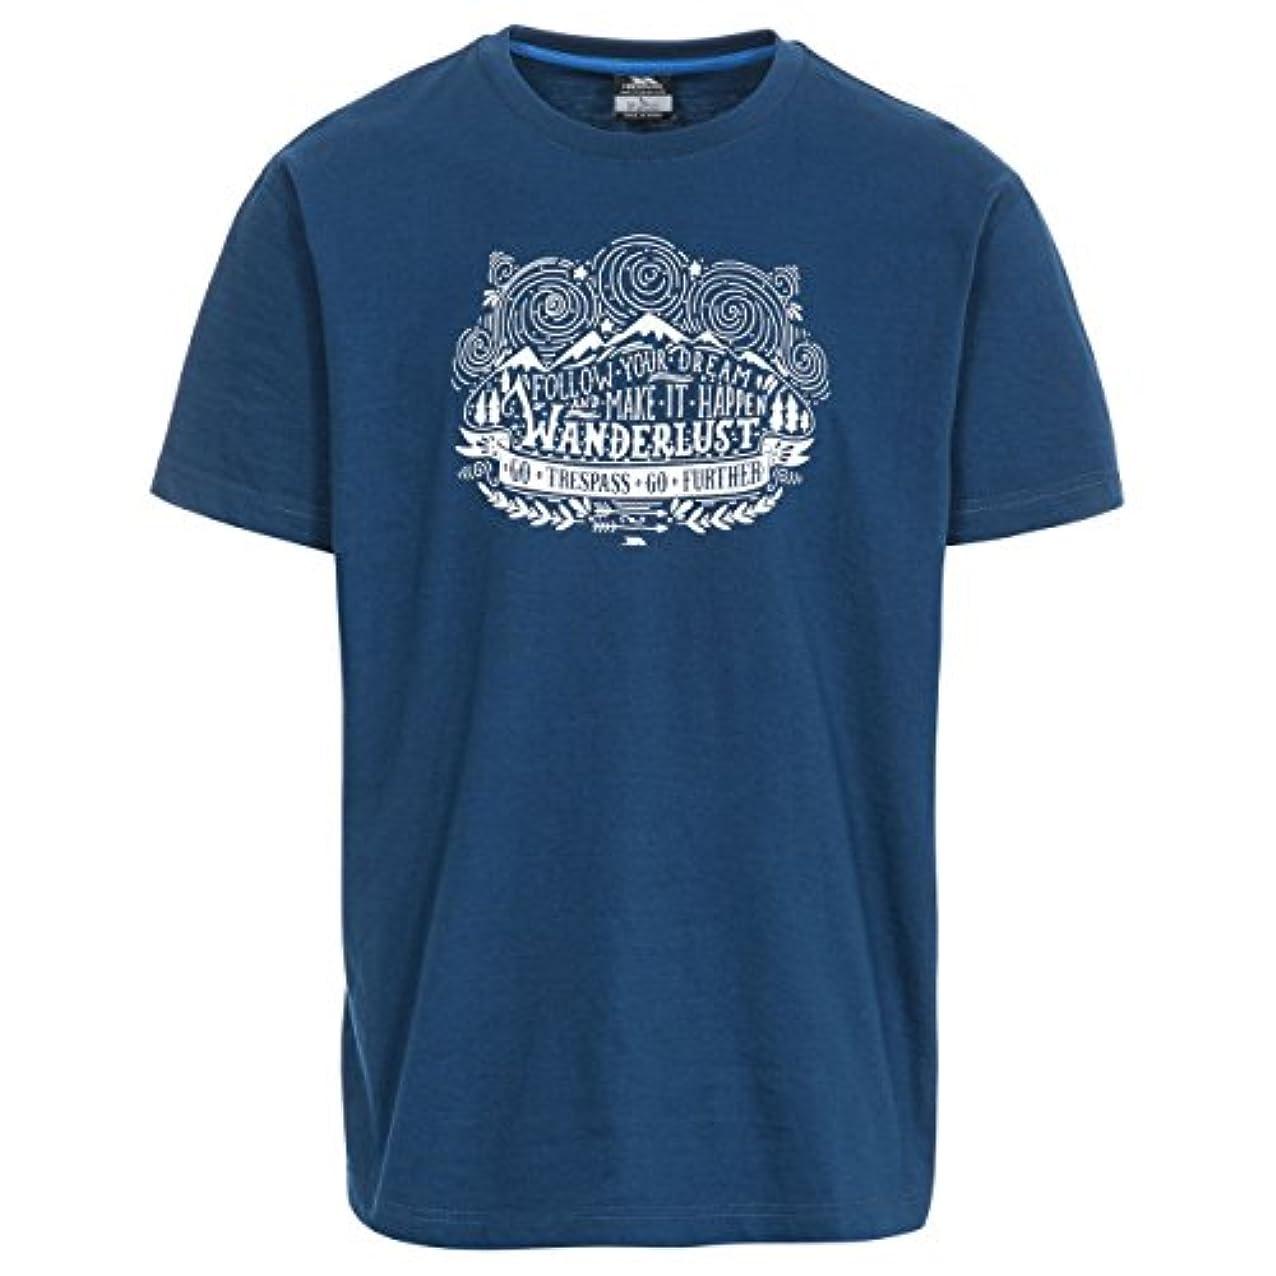 海里ロデオジョージハンブリー(トレスパス) Trespass メンズ Hainey プリント 半袖 Tシャツ 夏